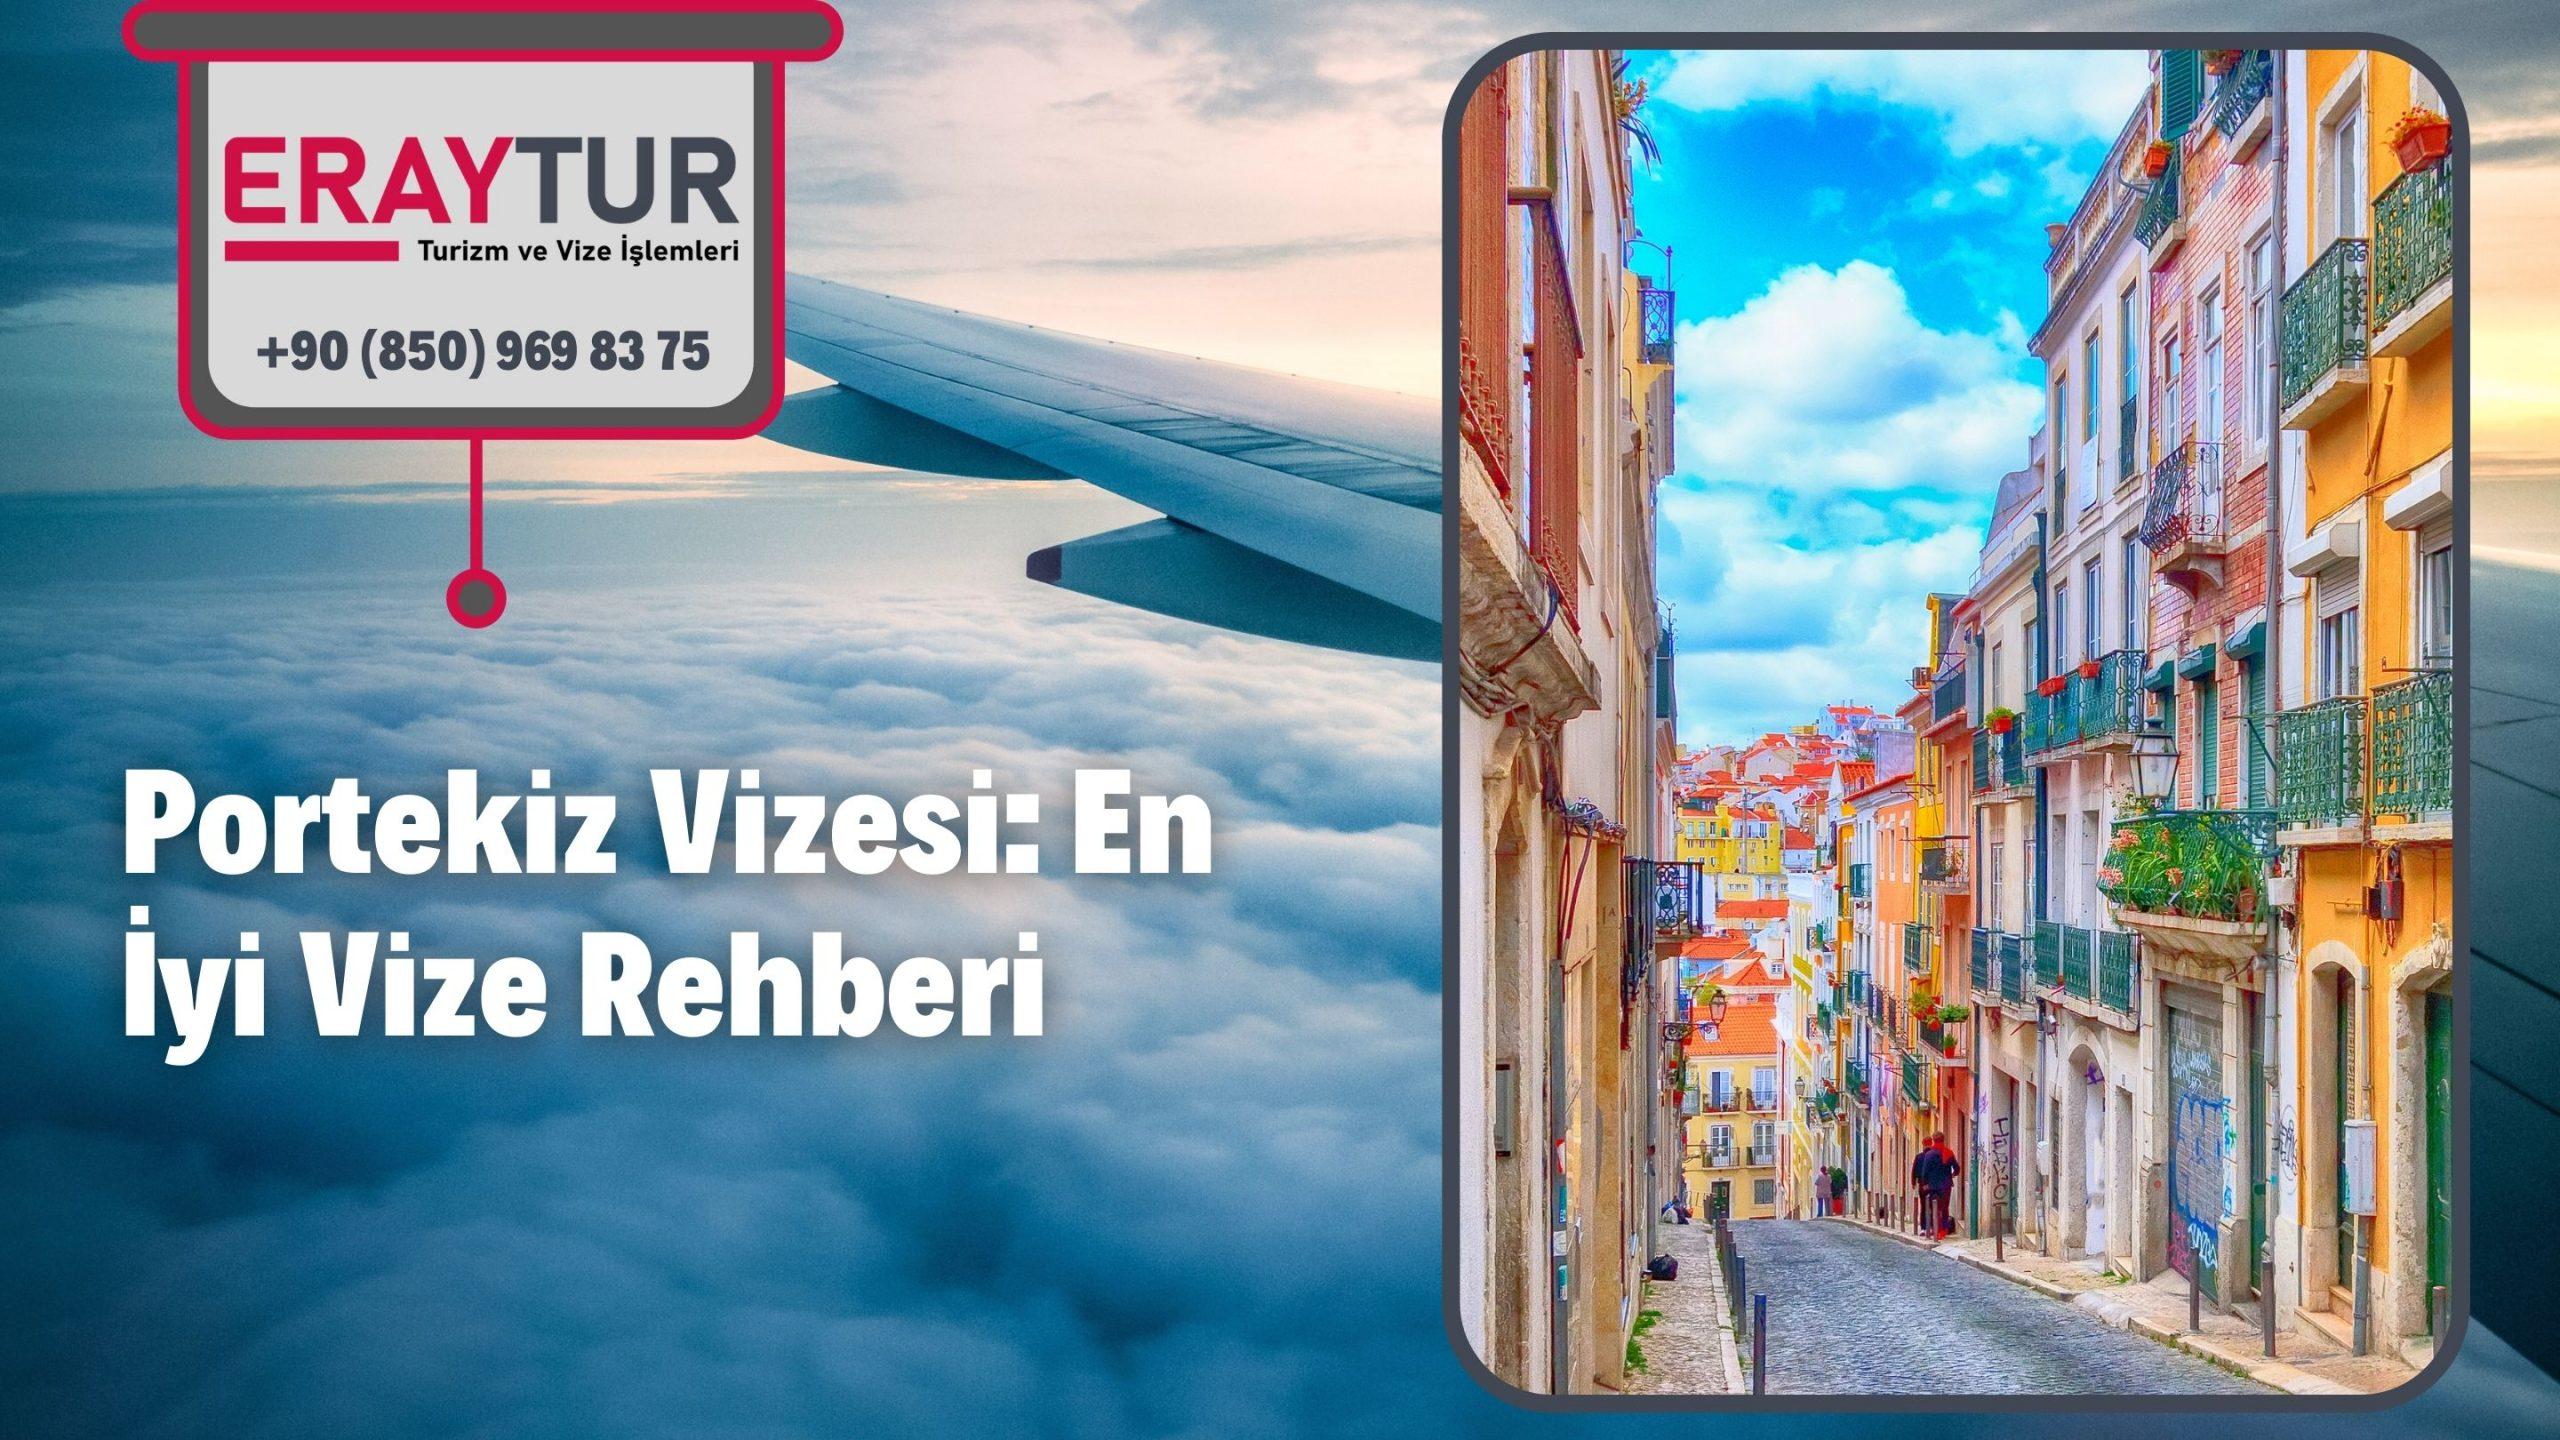 Portekiz Vizesi: En İyi Vize Rehberi 2021